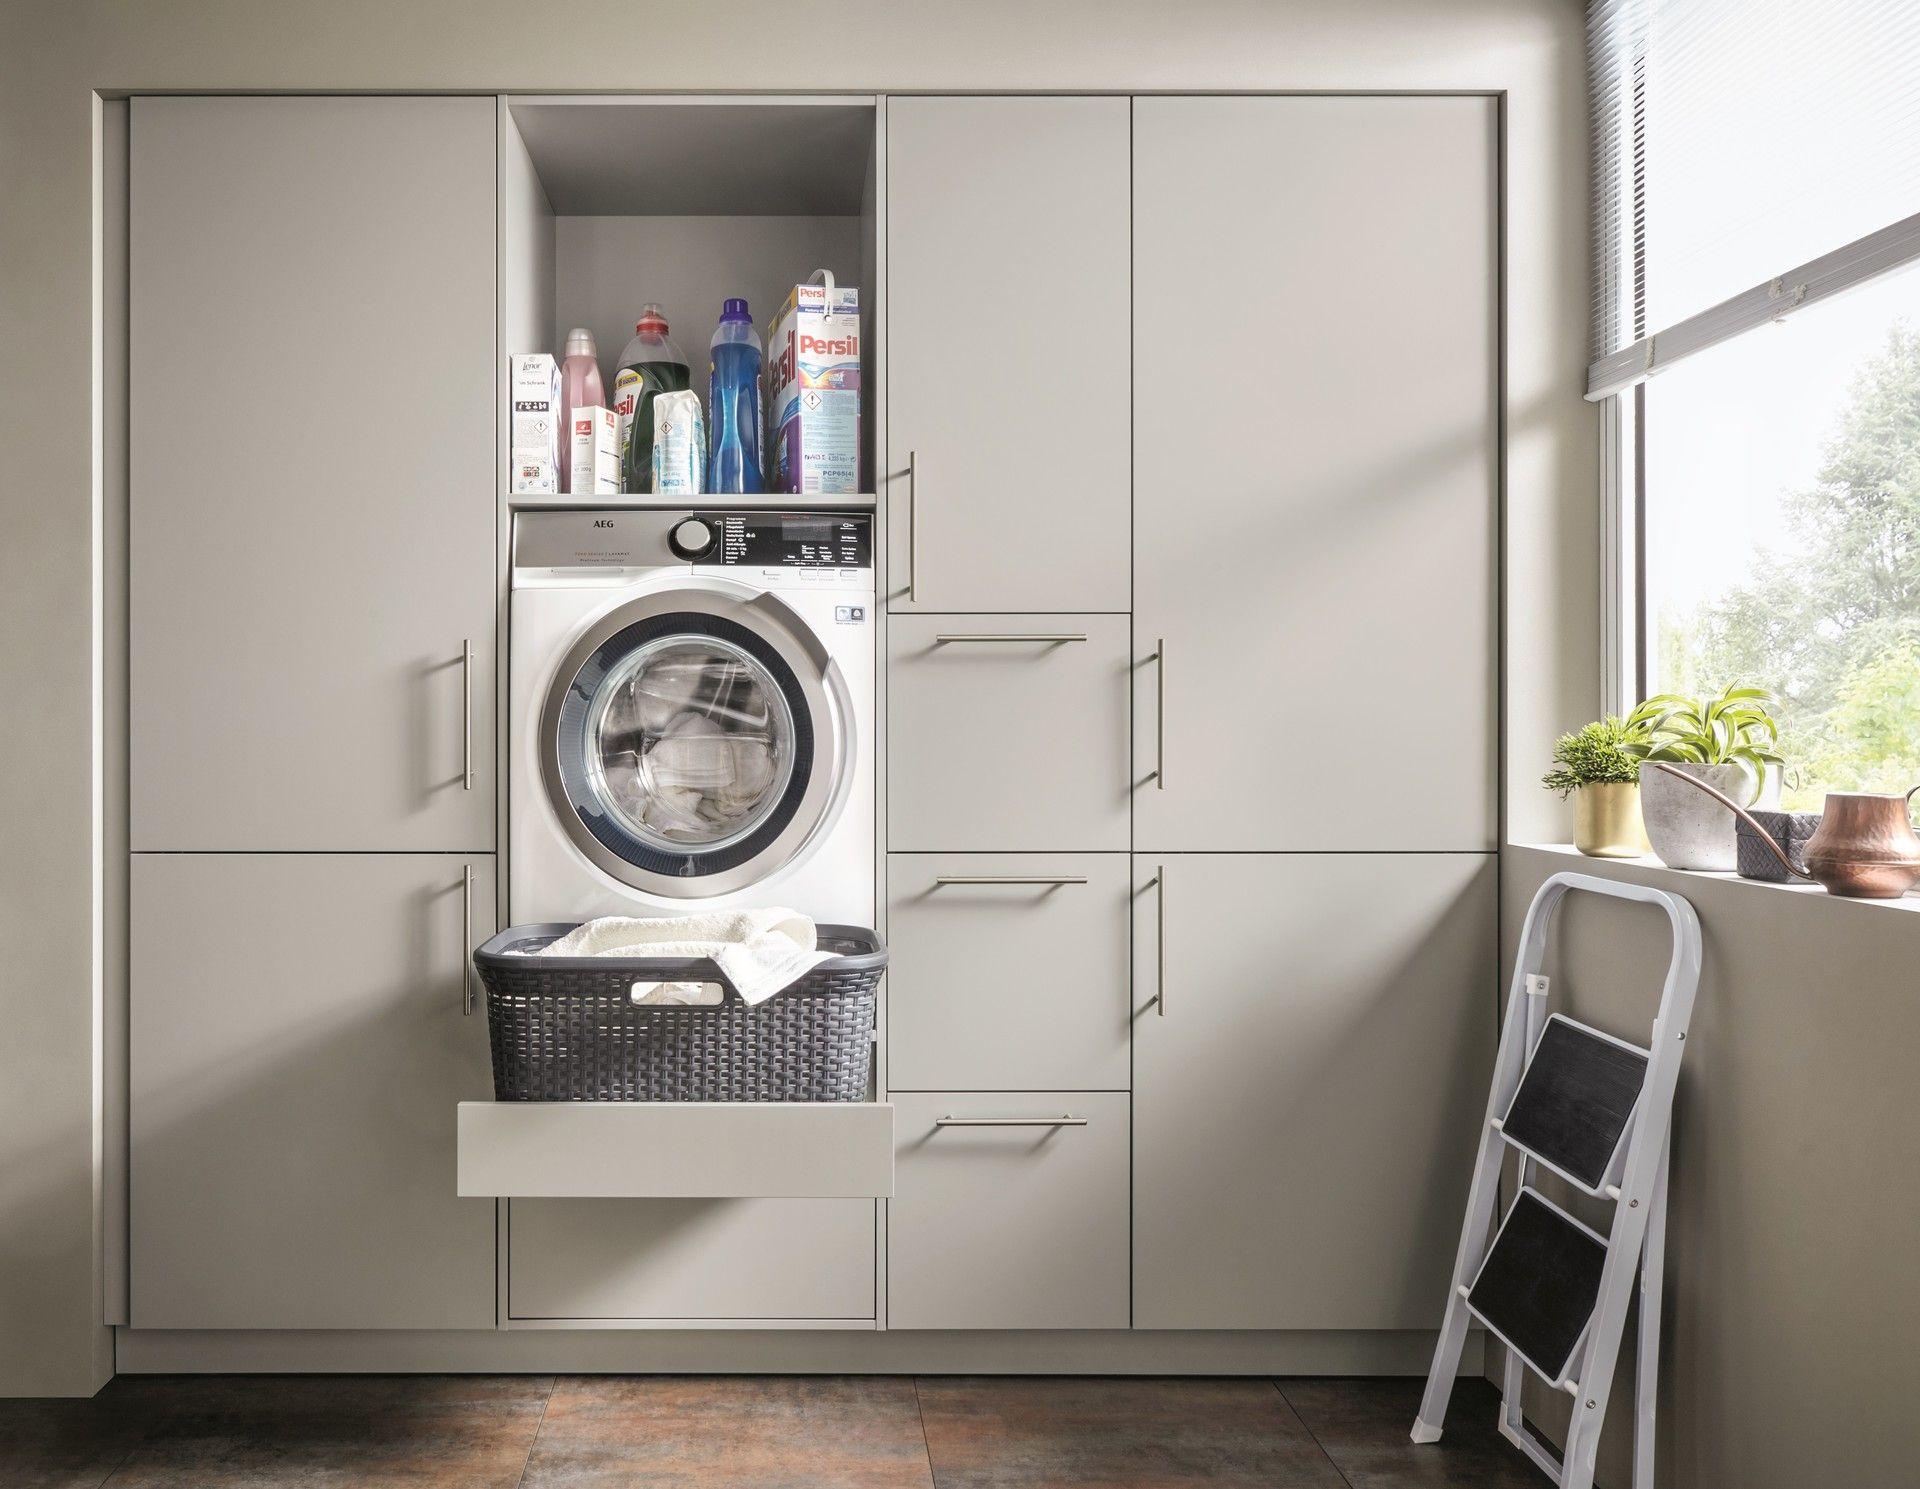 Hauswirtschaftsraum Bewusst Kochen Europamoebel At Hauswirtschaftsraum Waschkuche Im Keller Hauswirtschaftsraum Ideen